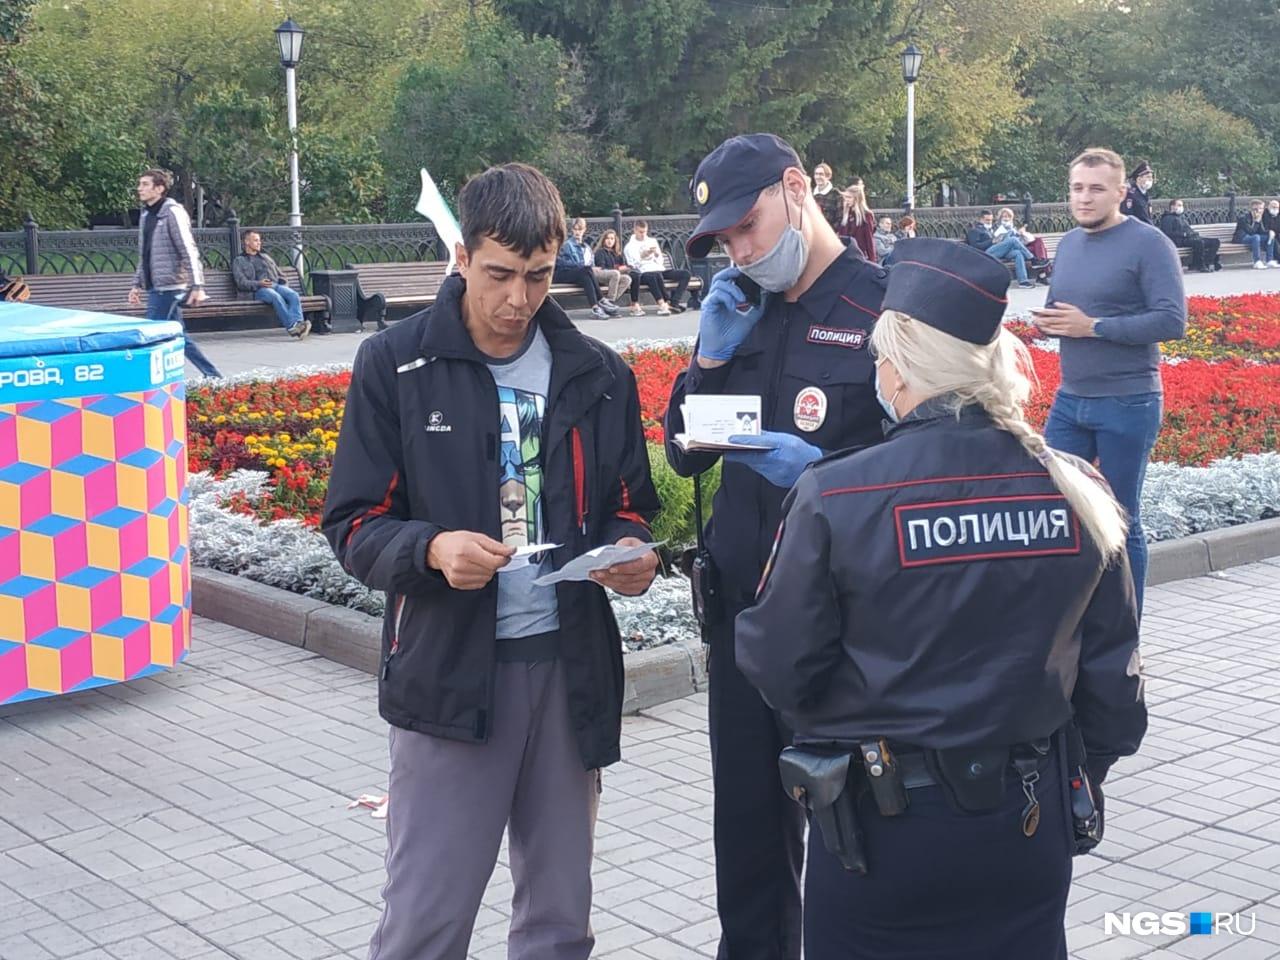 Мужчину, который пытался громко перебивать кандидатов, проверяет полиция